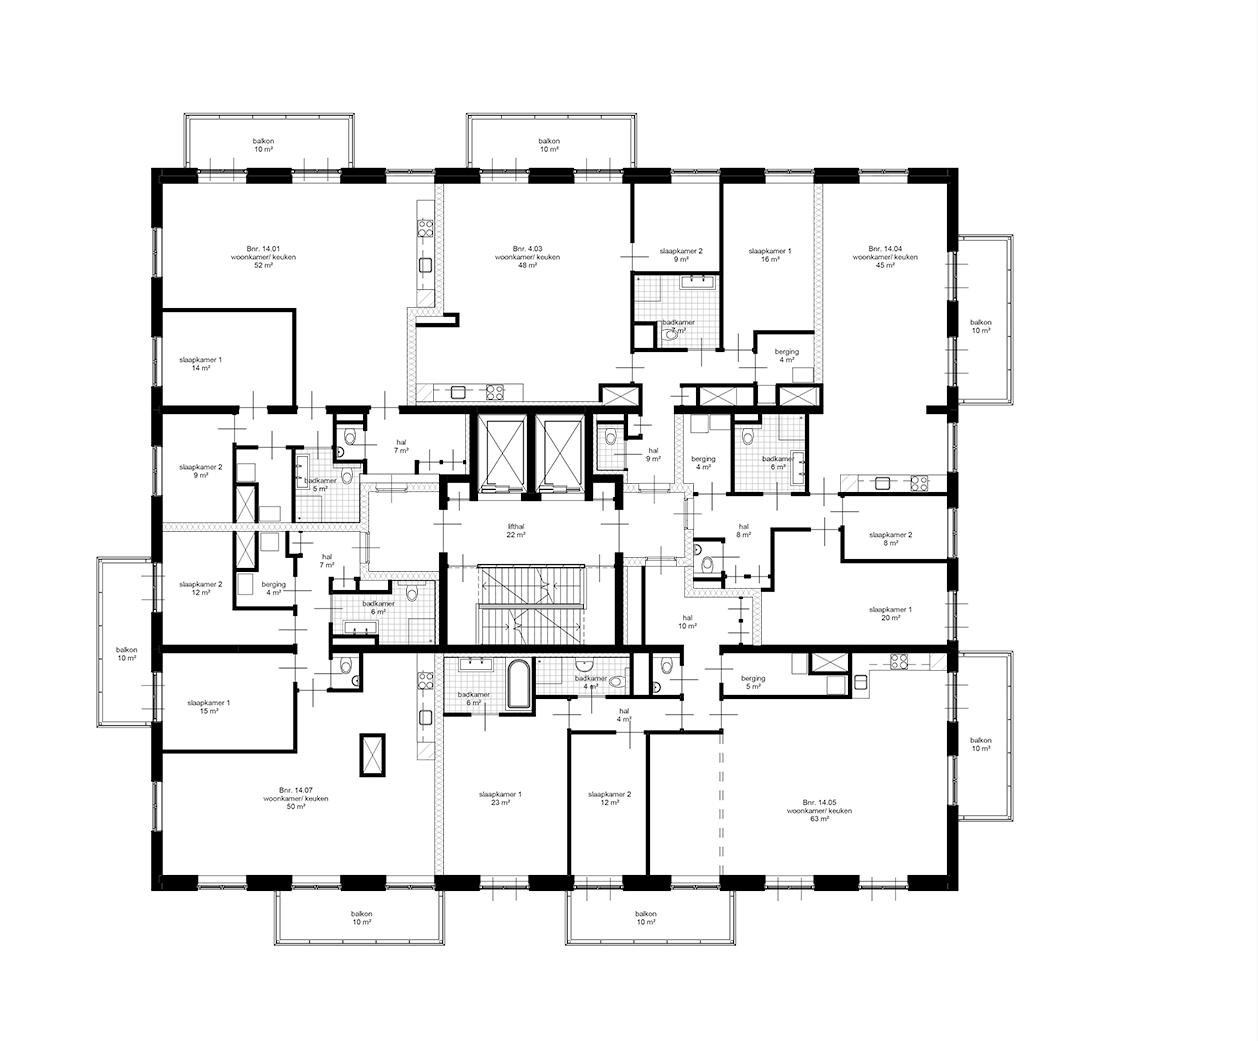 https://www.nieuwbouw-hoogvliet.nl/wp-content/uploads/2021/05/basisplattegronden-etage-14-15.png